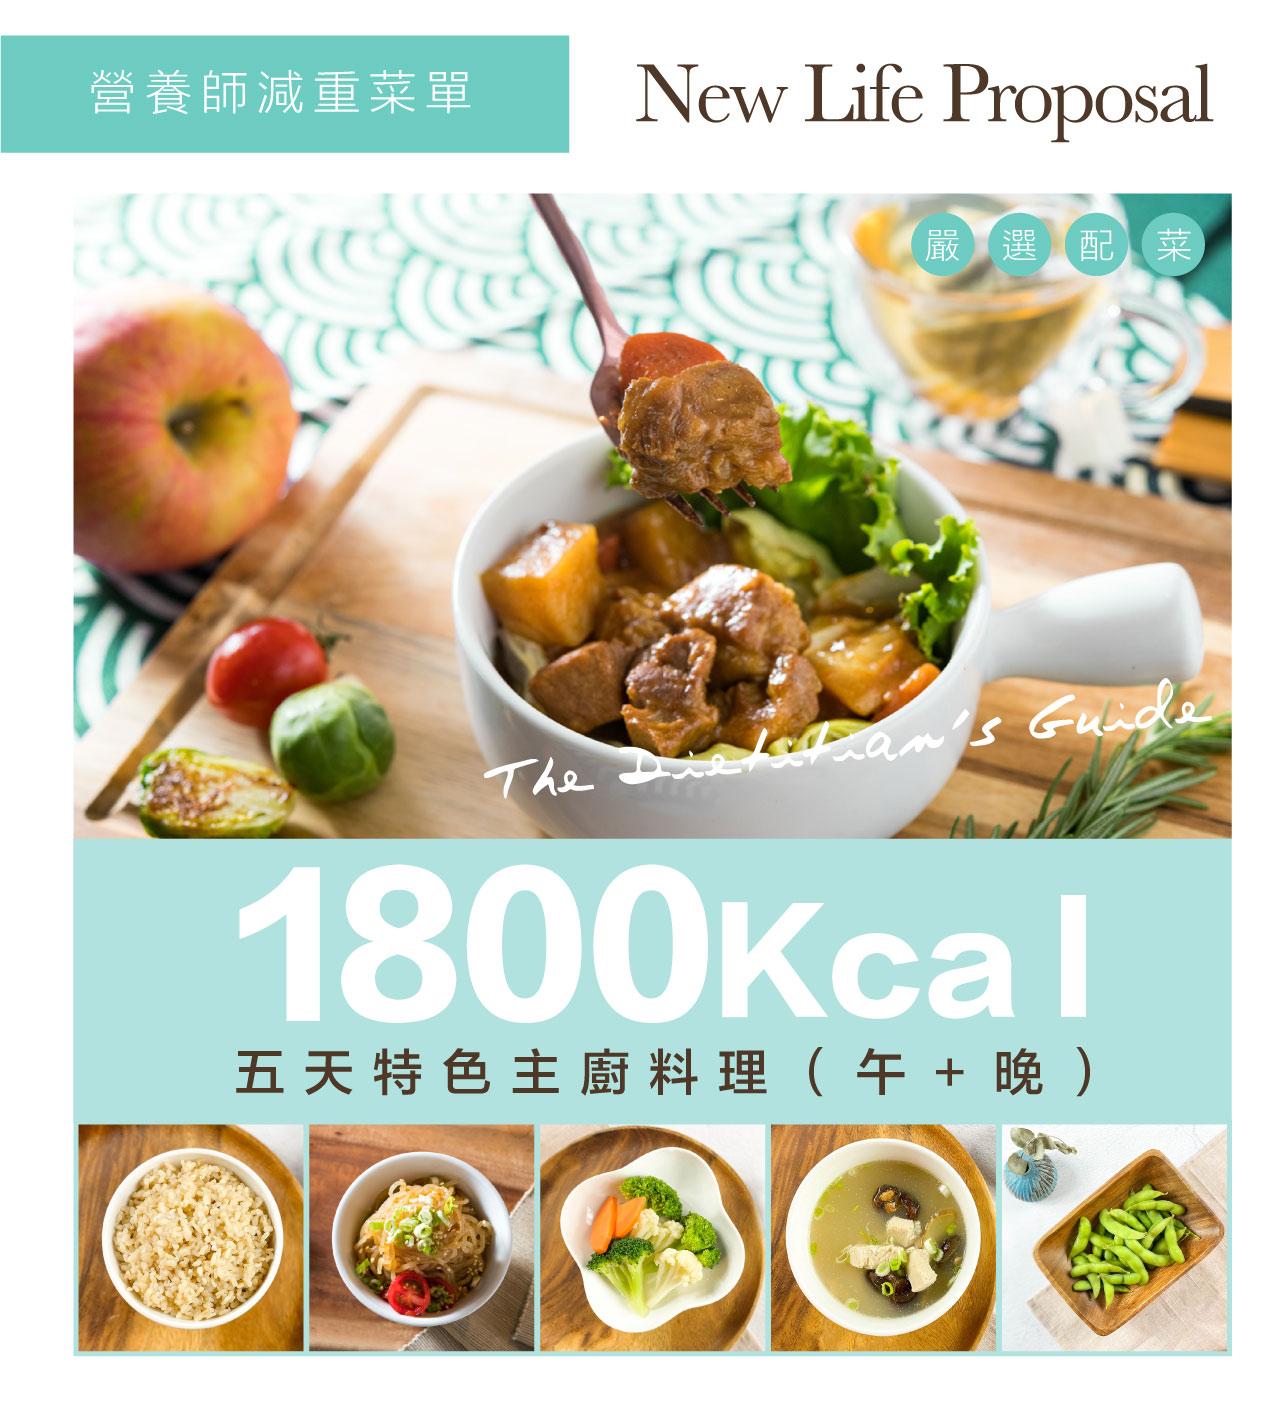 【本月生活提案】營養師減重菜單 - 瘦達人健康小舖